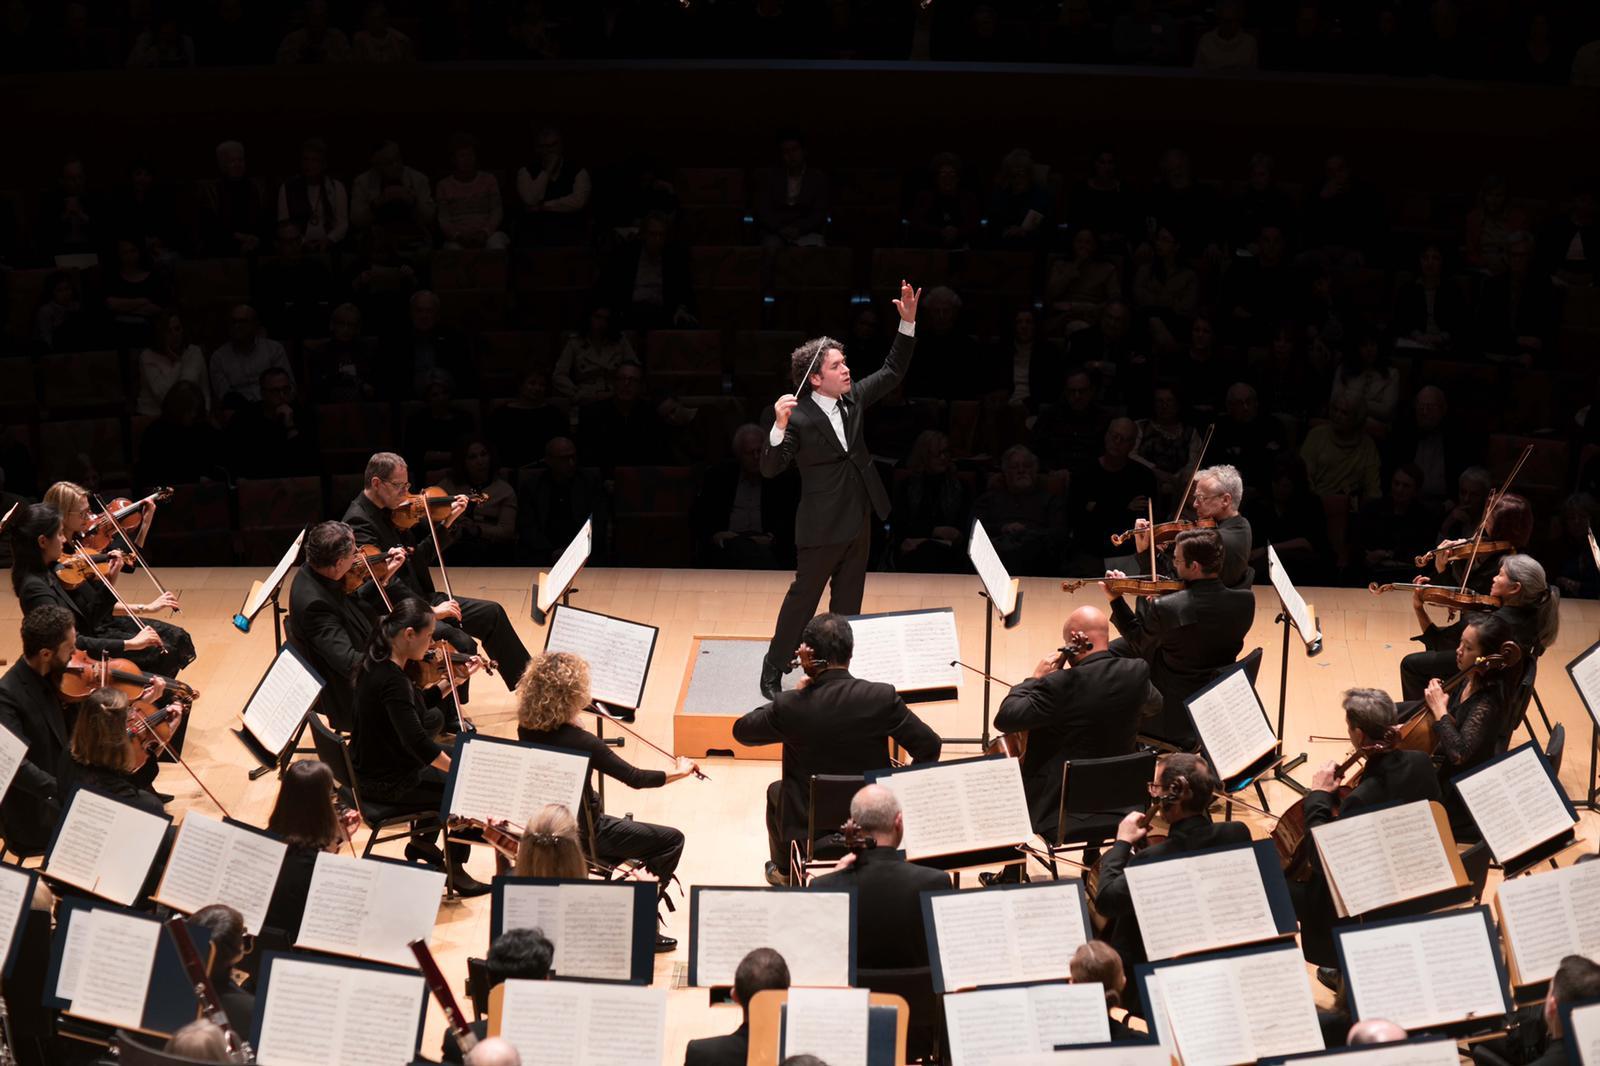 El director de orquesta Gustavo Dudamel triunfa en la antesala de los Grammy 2020